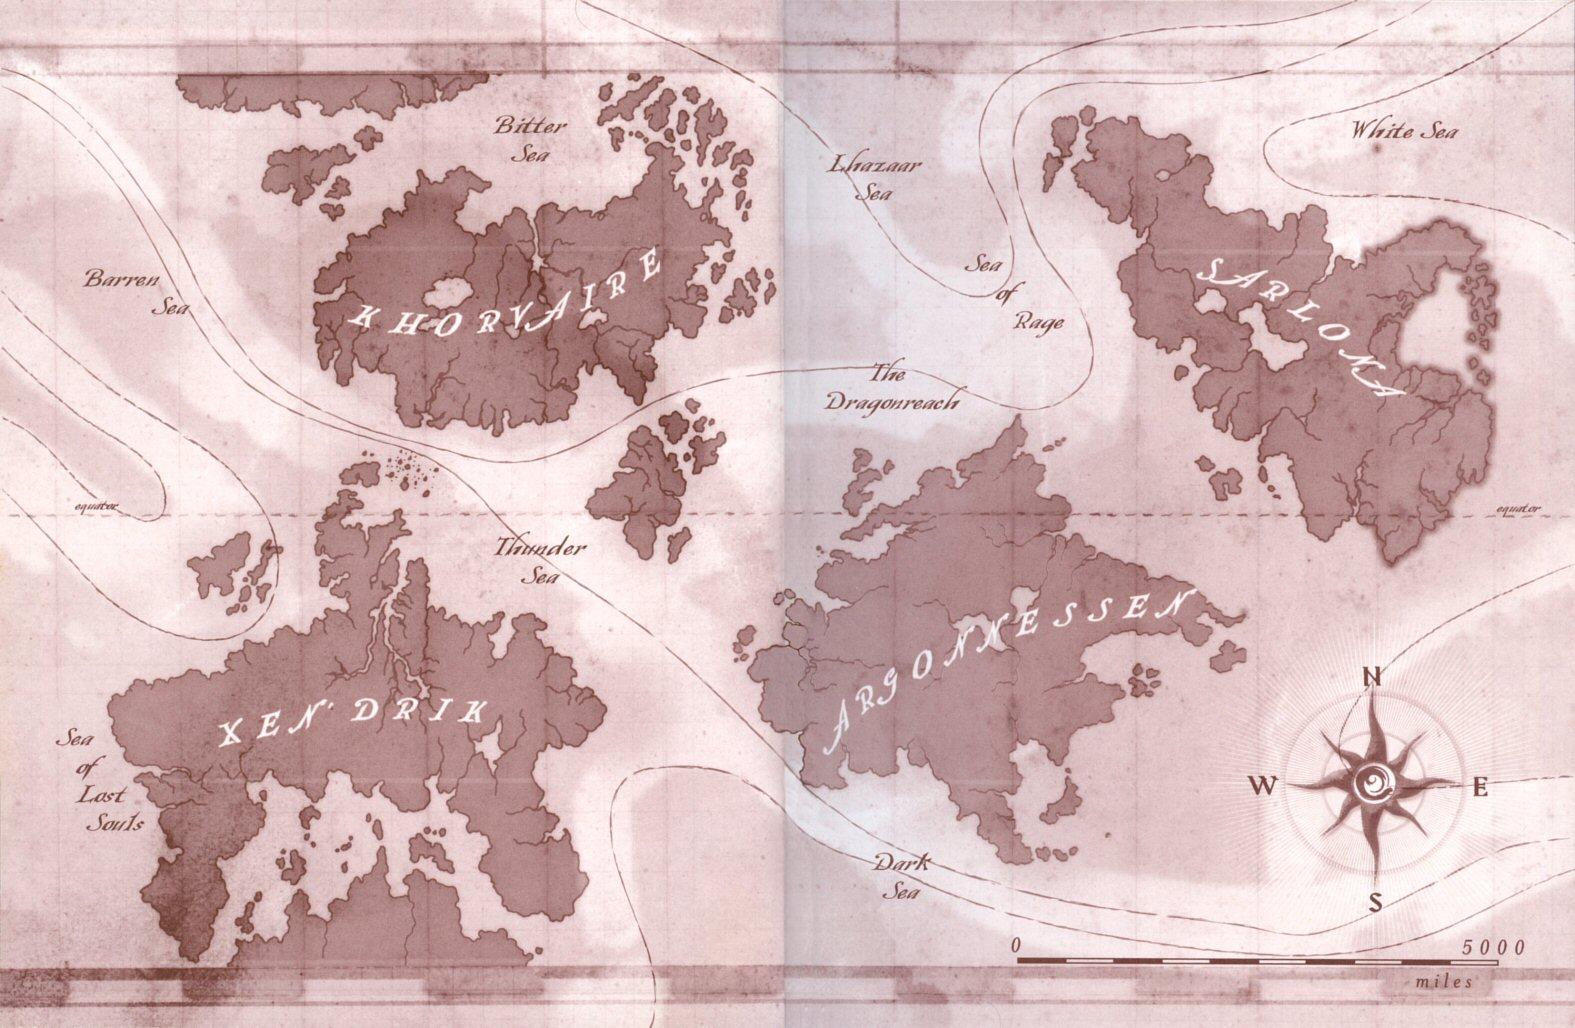 Eberron World Map Related Keywords & Suggestions Eberron World Map